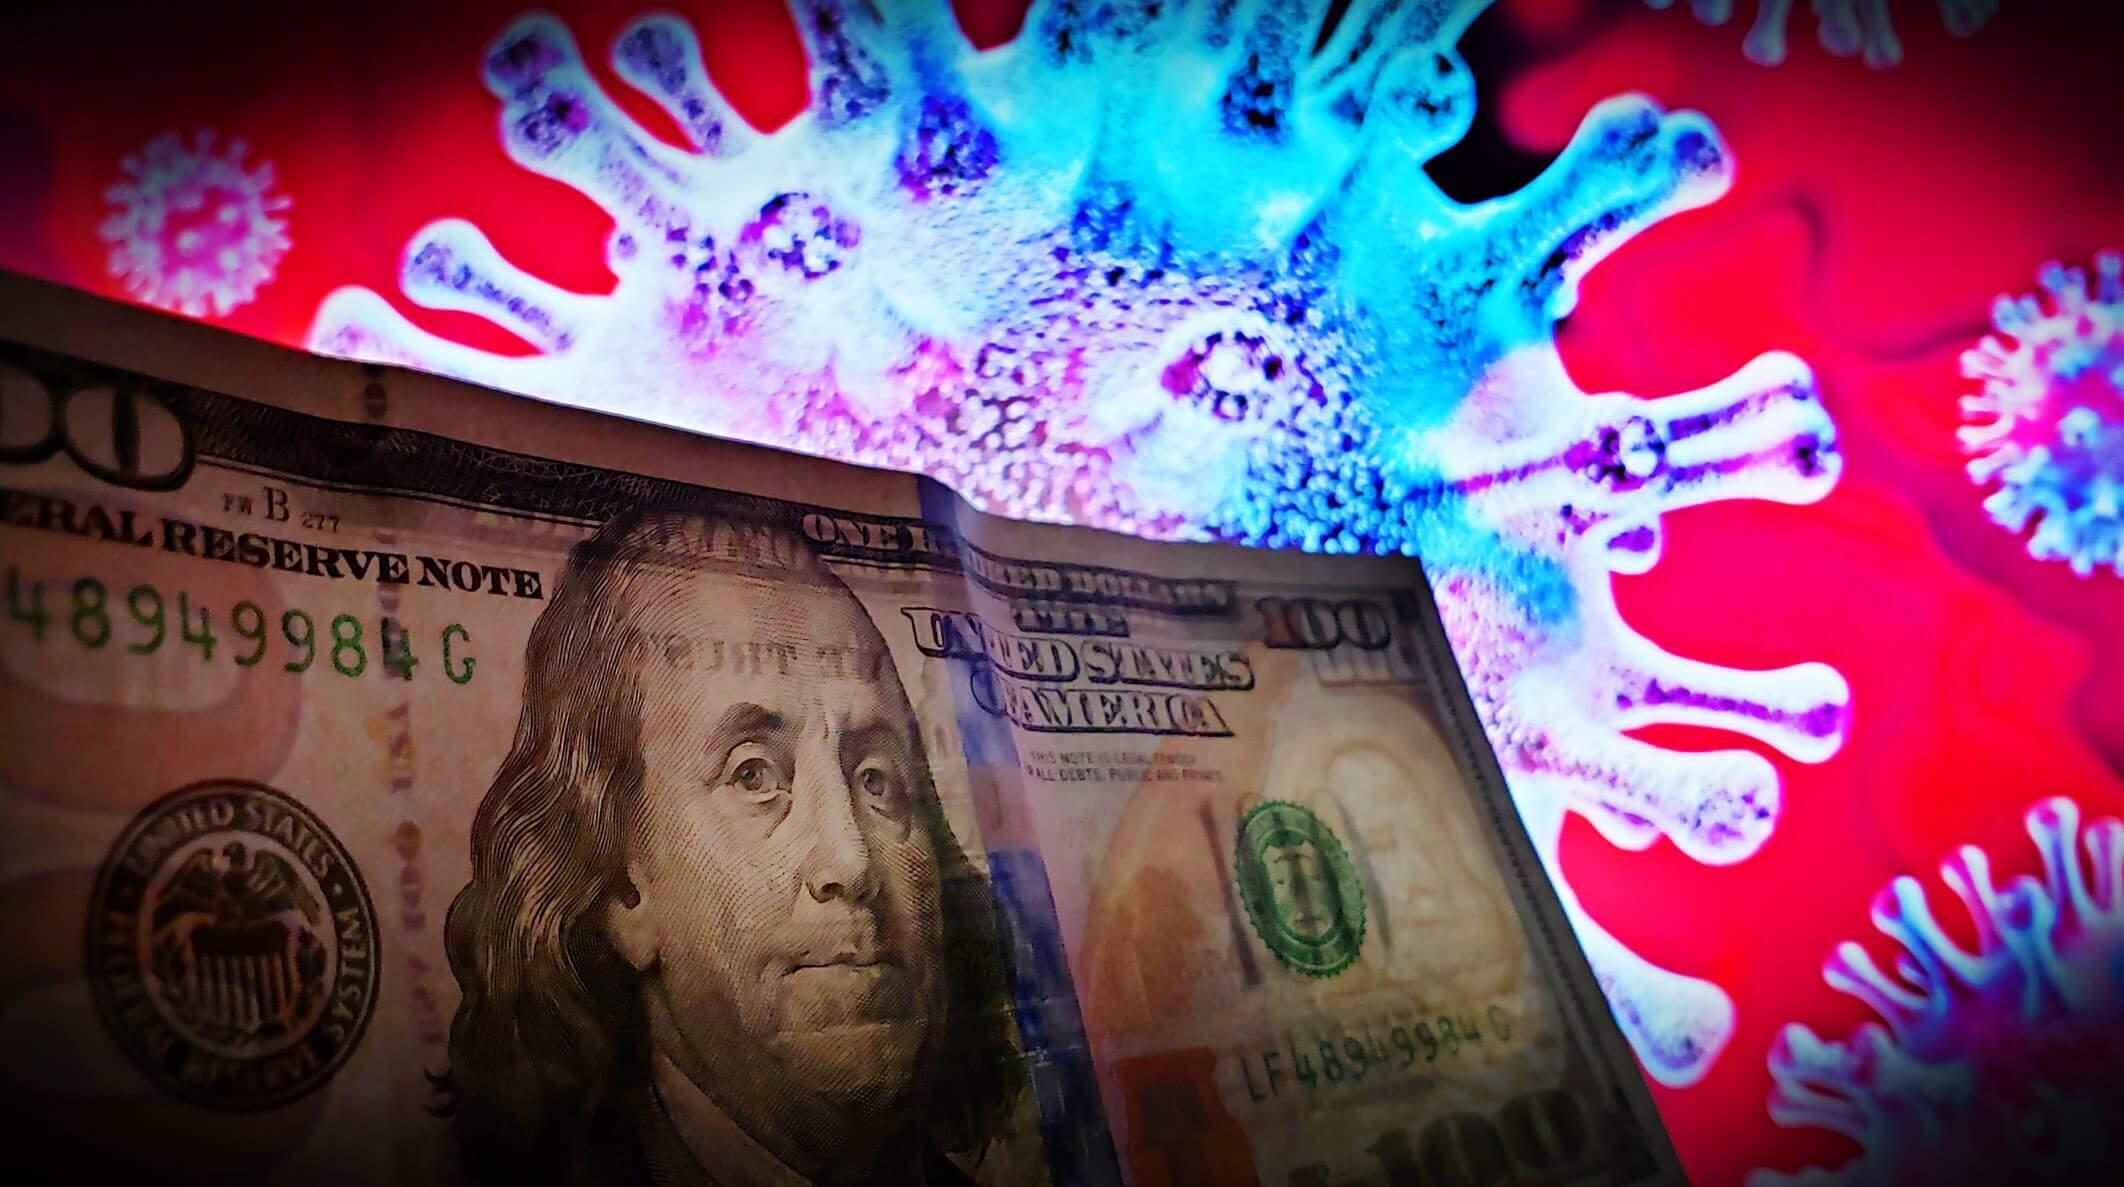 Imagem ilustrativa. Nota de dólar em frente a uma imagem do coronavírus, refletindo o impacto do vírus na economia. (Jorge Araújo\FotosPublicas)